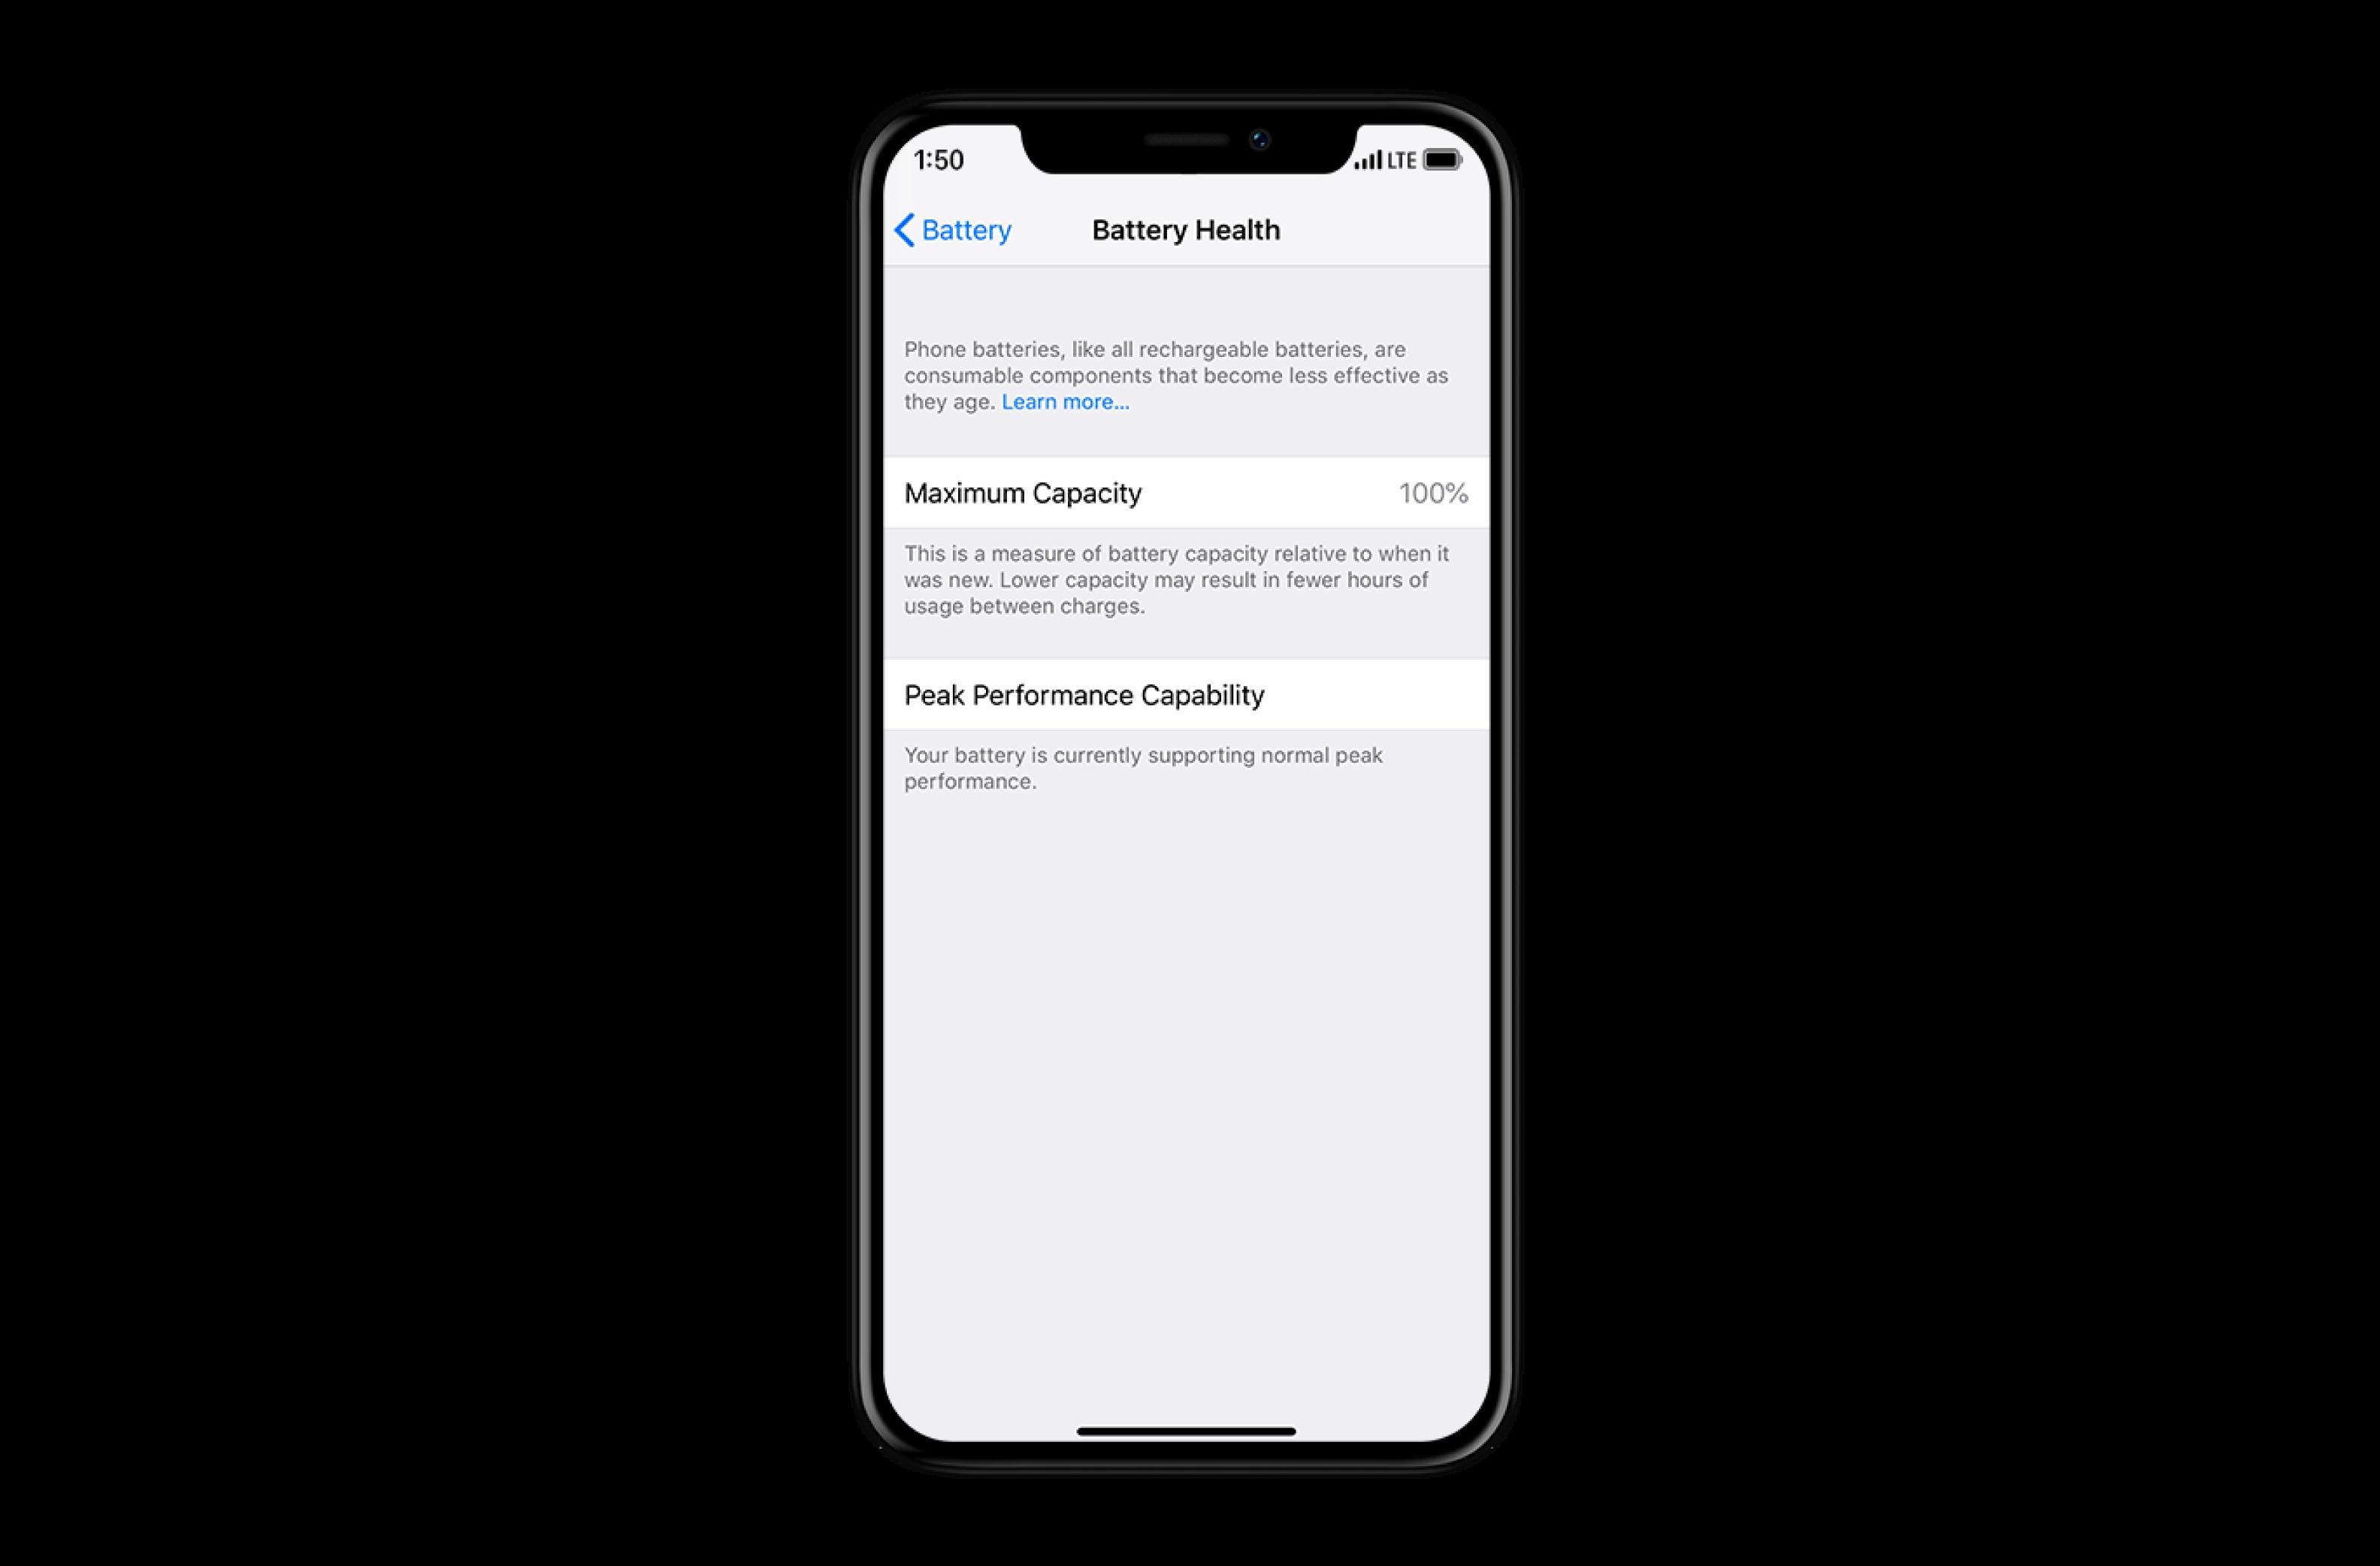 iOS 13 battery health